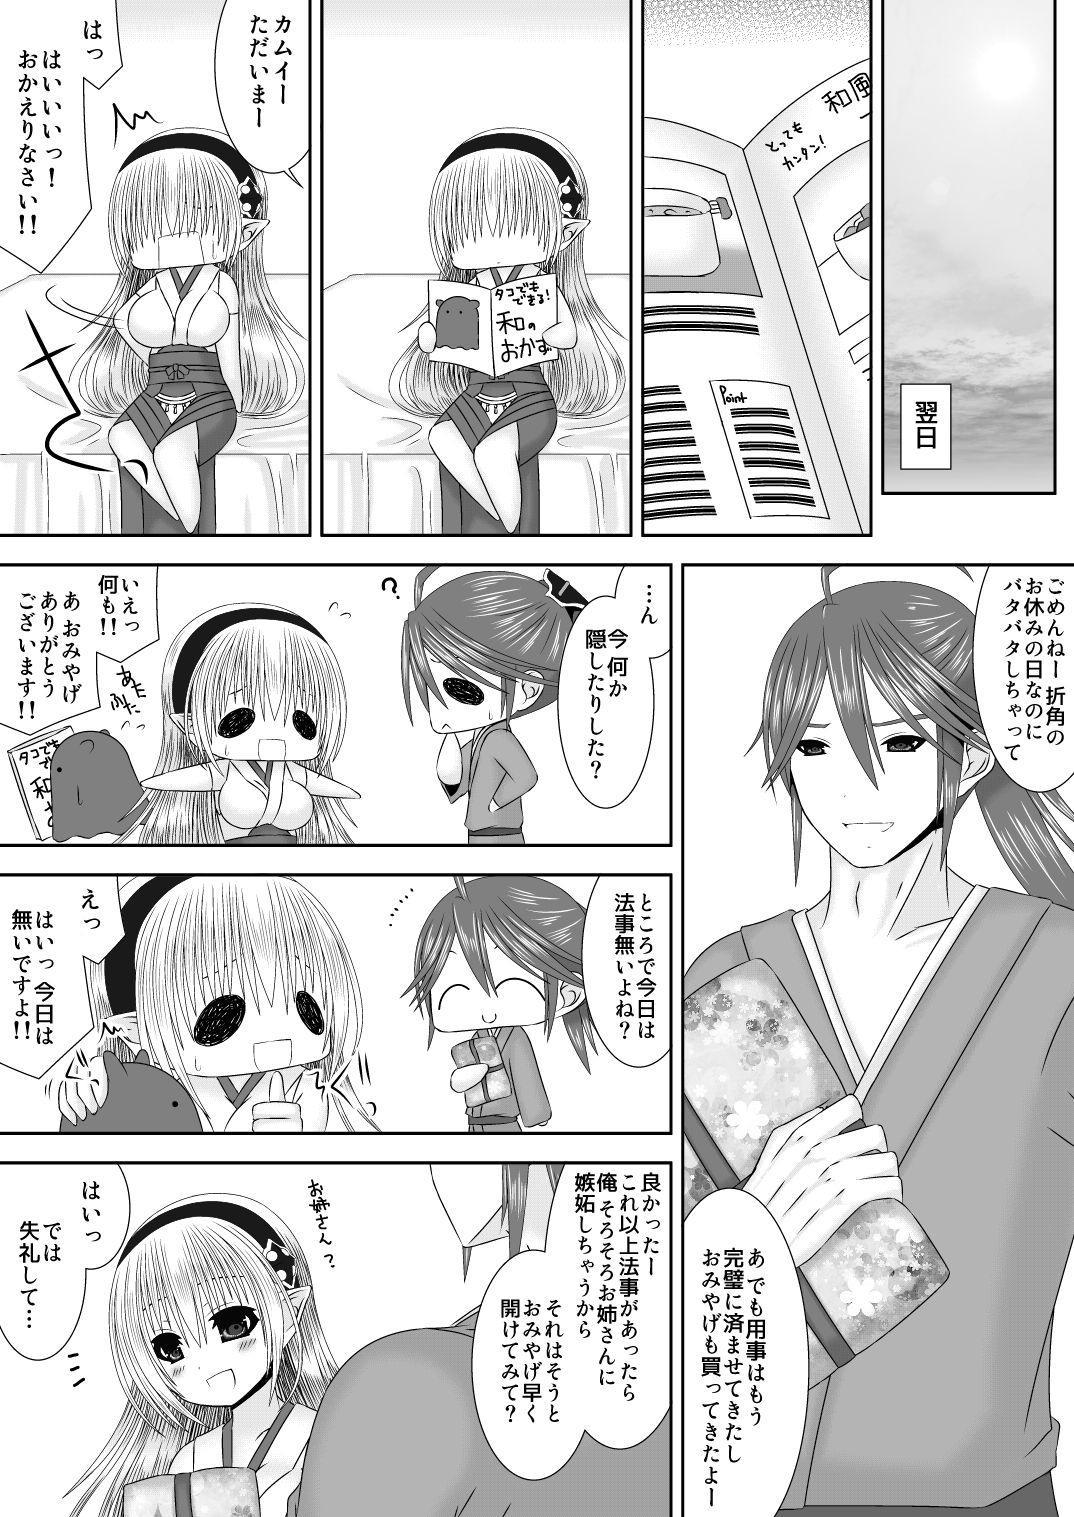 Kanpeki Darling 5